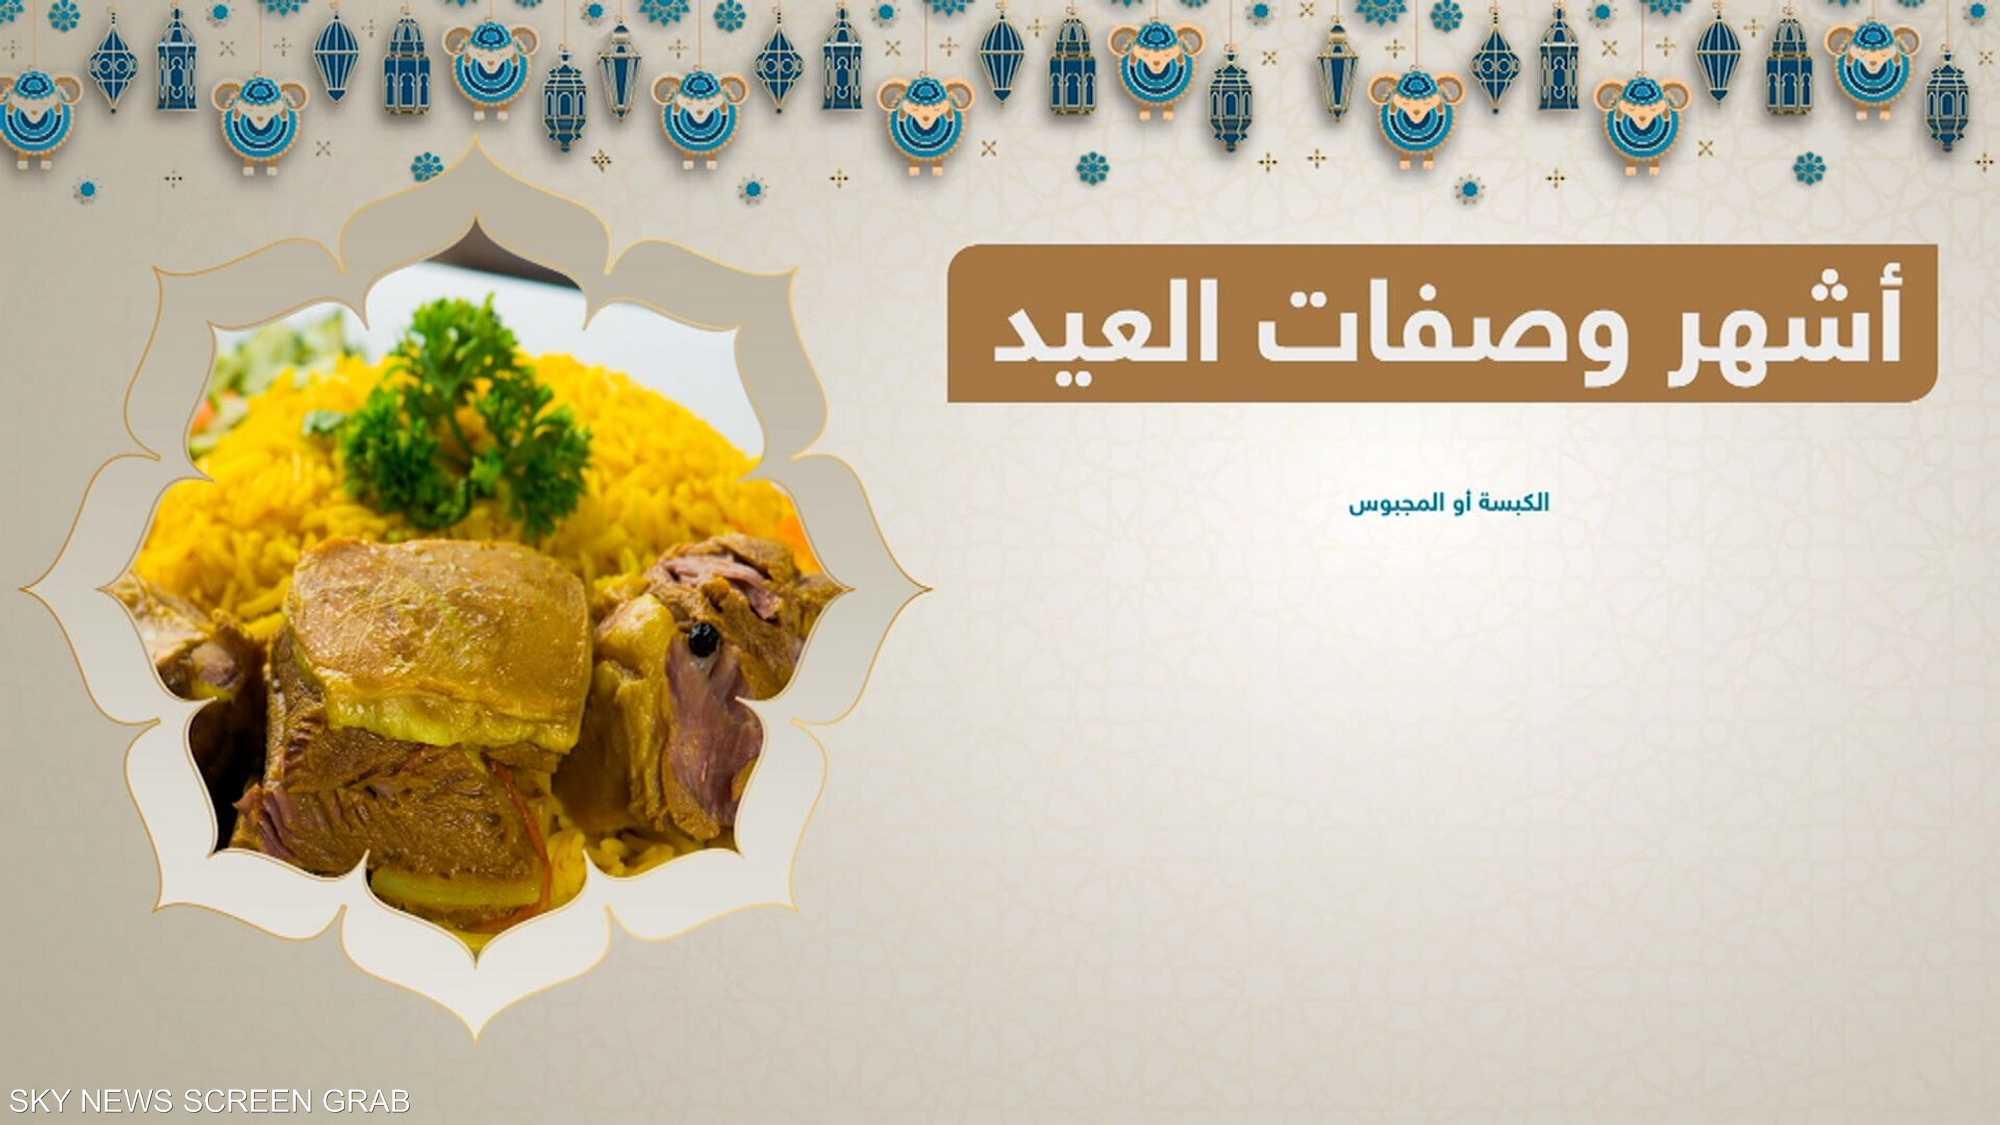 عادات وتقاليد غذائية متبعة في عيد الأضحى